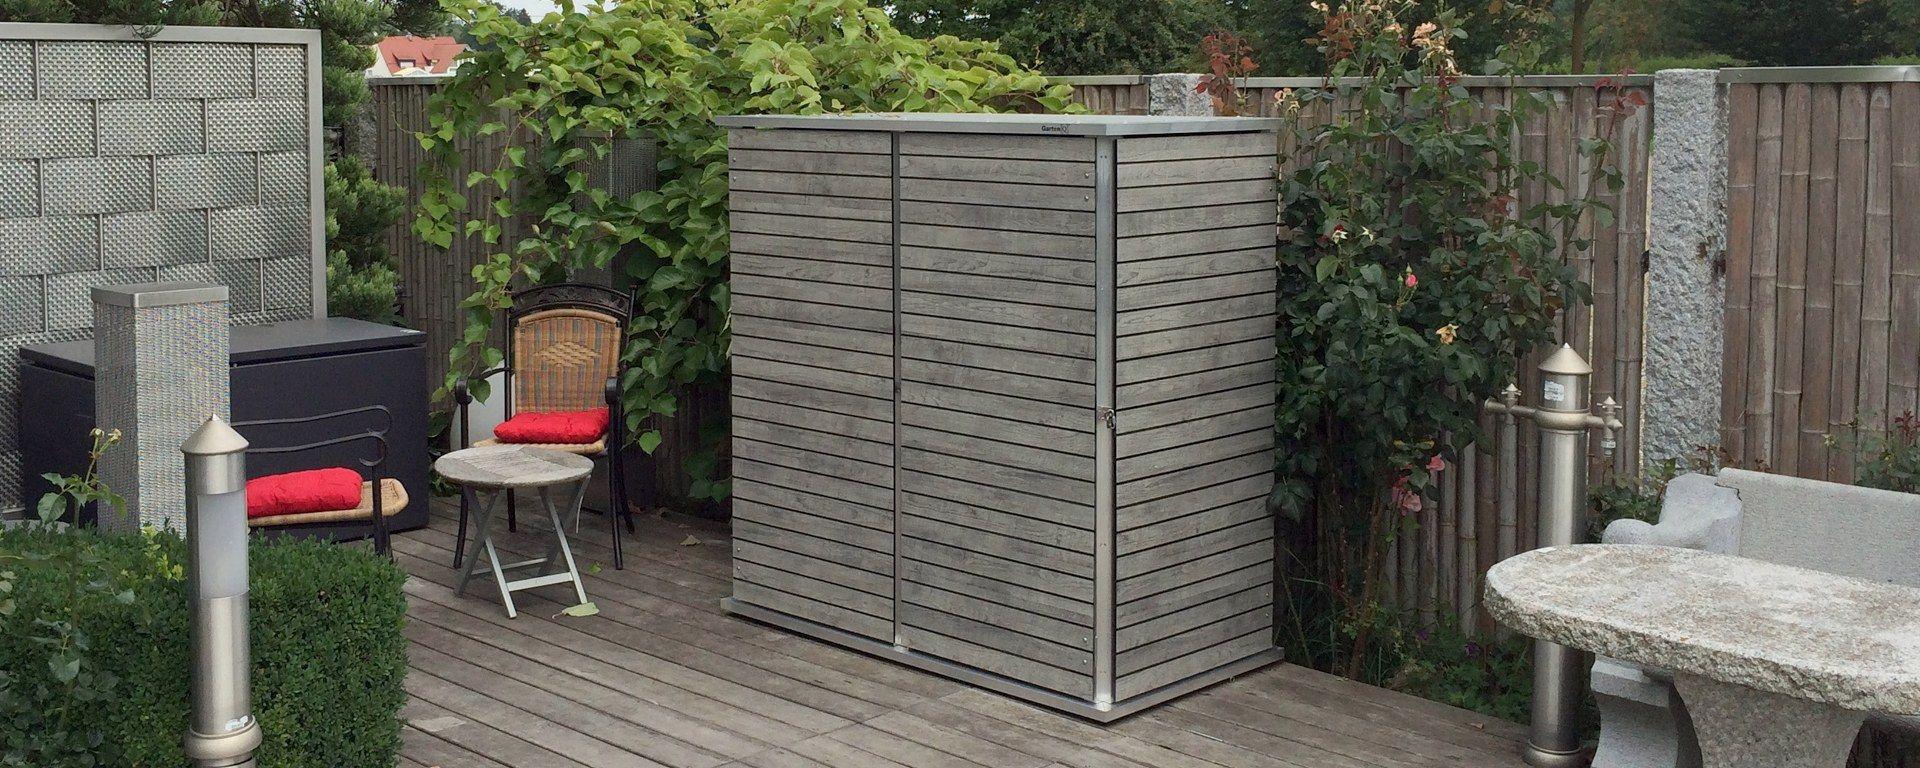 Gartenschrank in tollem Design und mit genialer Innenstruktur ...